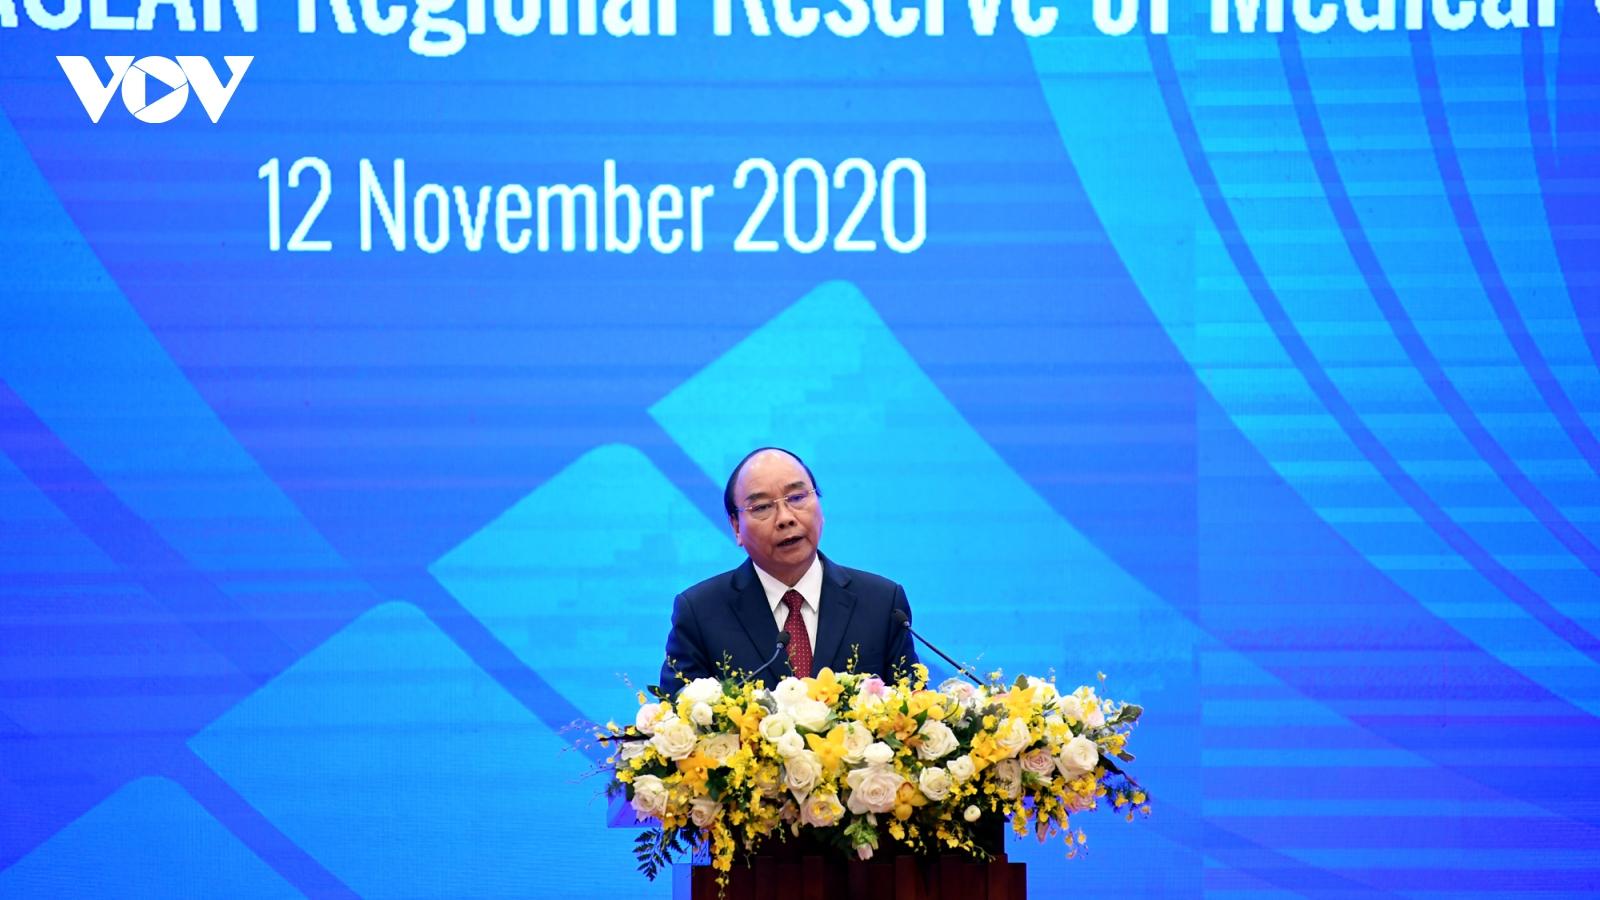 Khung phục hồi tổng thể ASEAN tập trung vào tái mở cửa, phục hồi và tự cường